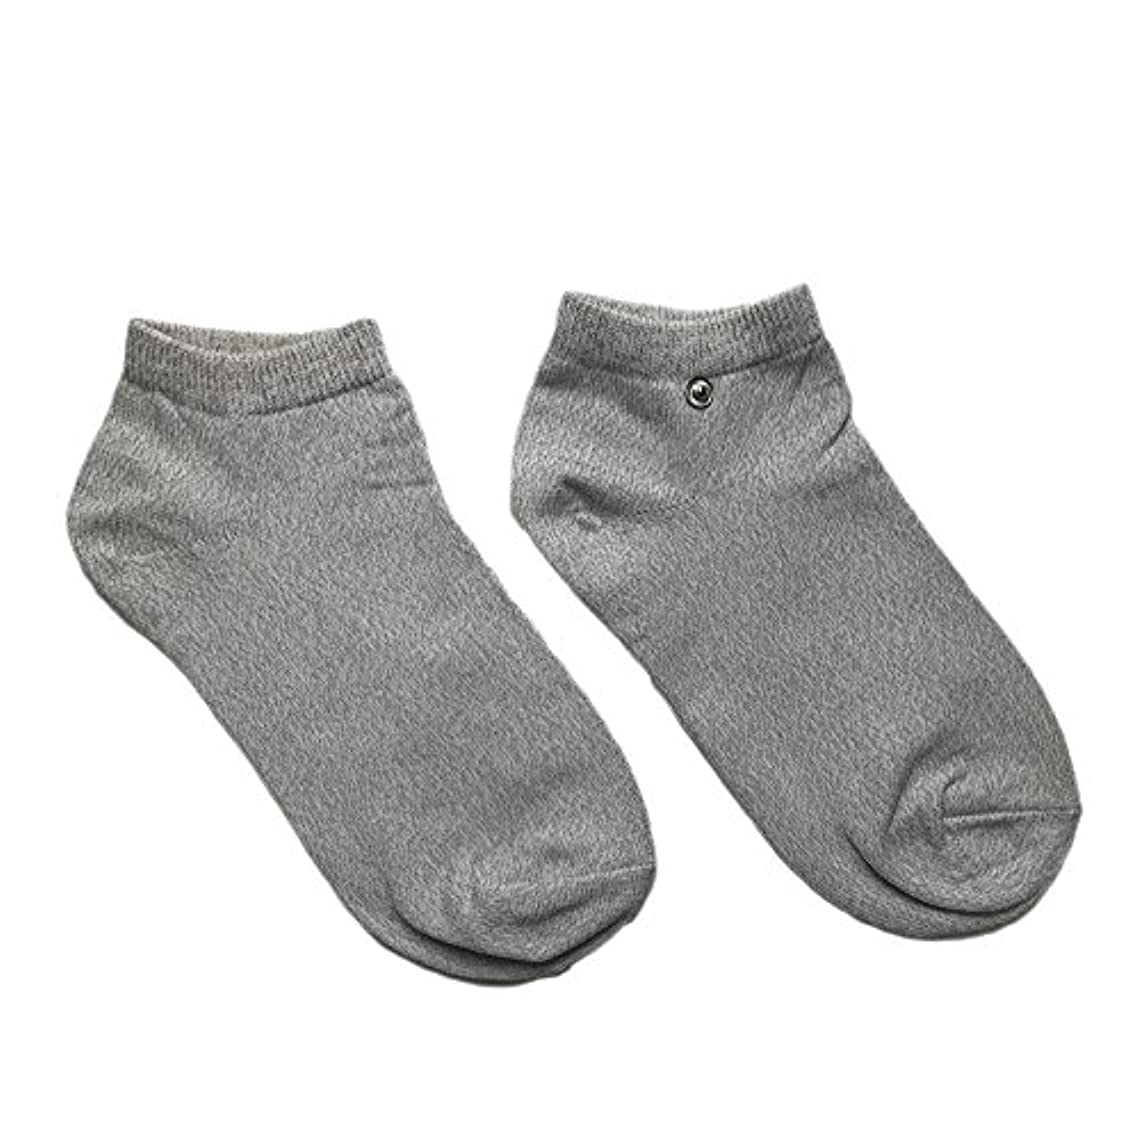 オフェンス活性化する入植者riraku-life(??????) 大地と繋がるアーシング健康法用 アーシングソックス(low) 導電性靴下 (M)